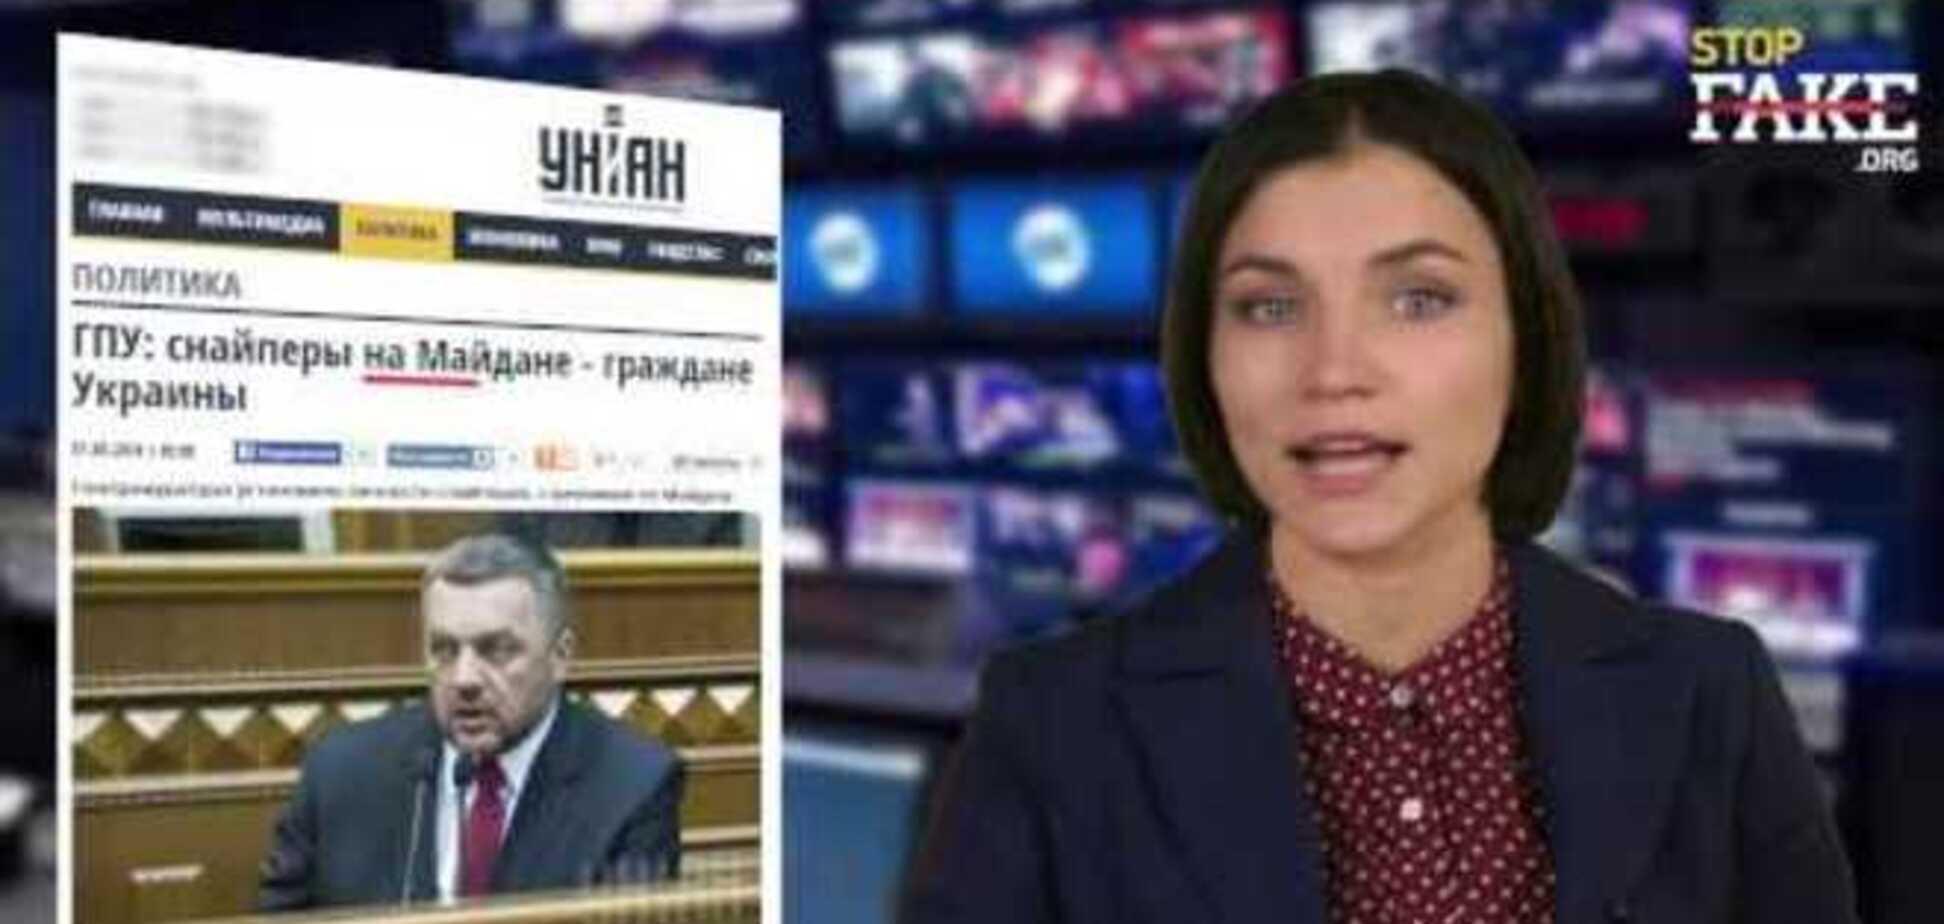 Топ-5 фейков российских СМИ про АТО на востоке Украины